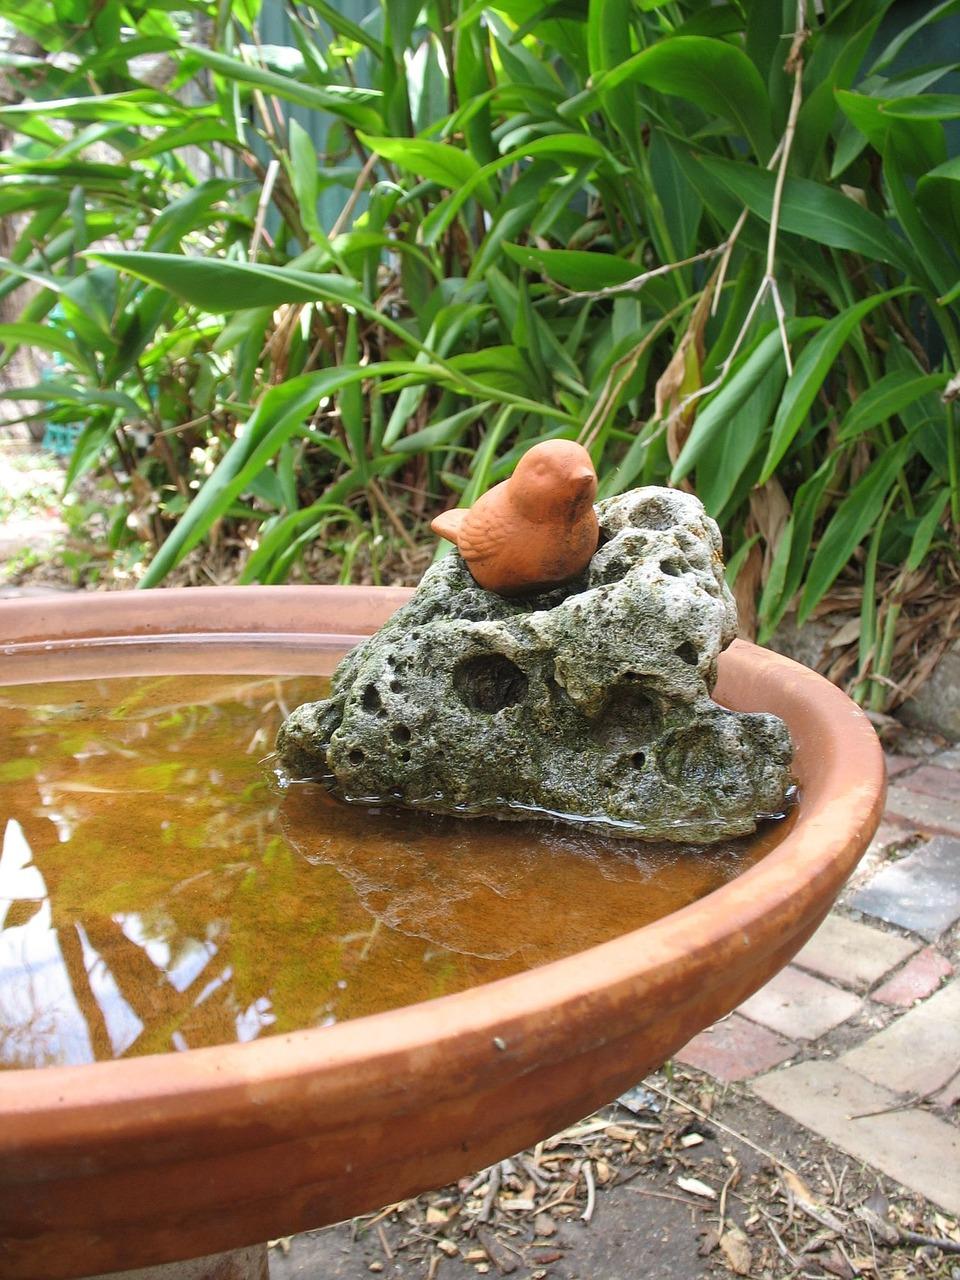 garden-173035_1280.jpg